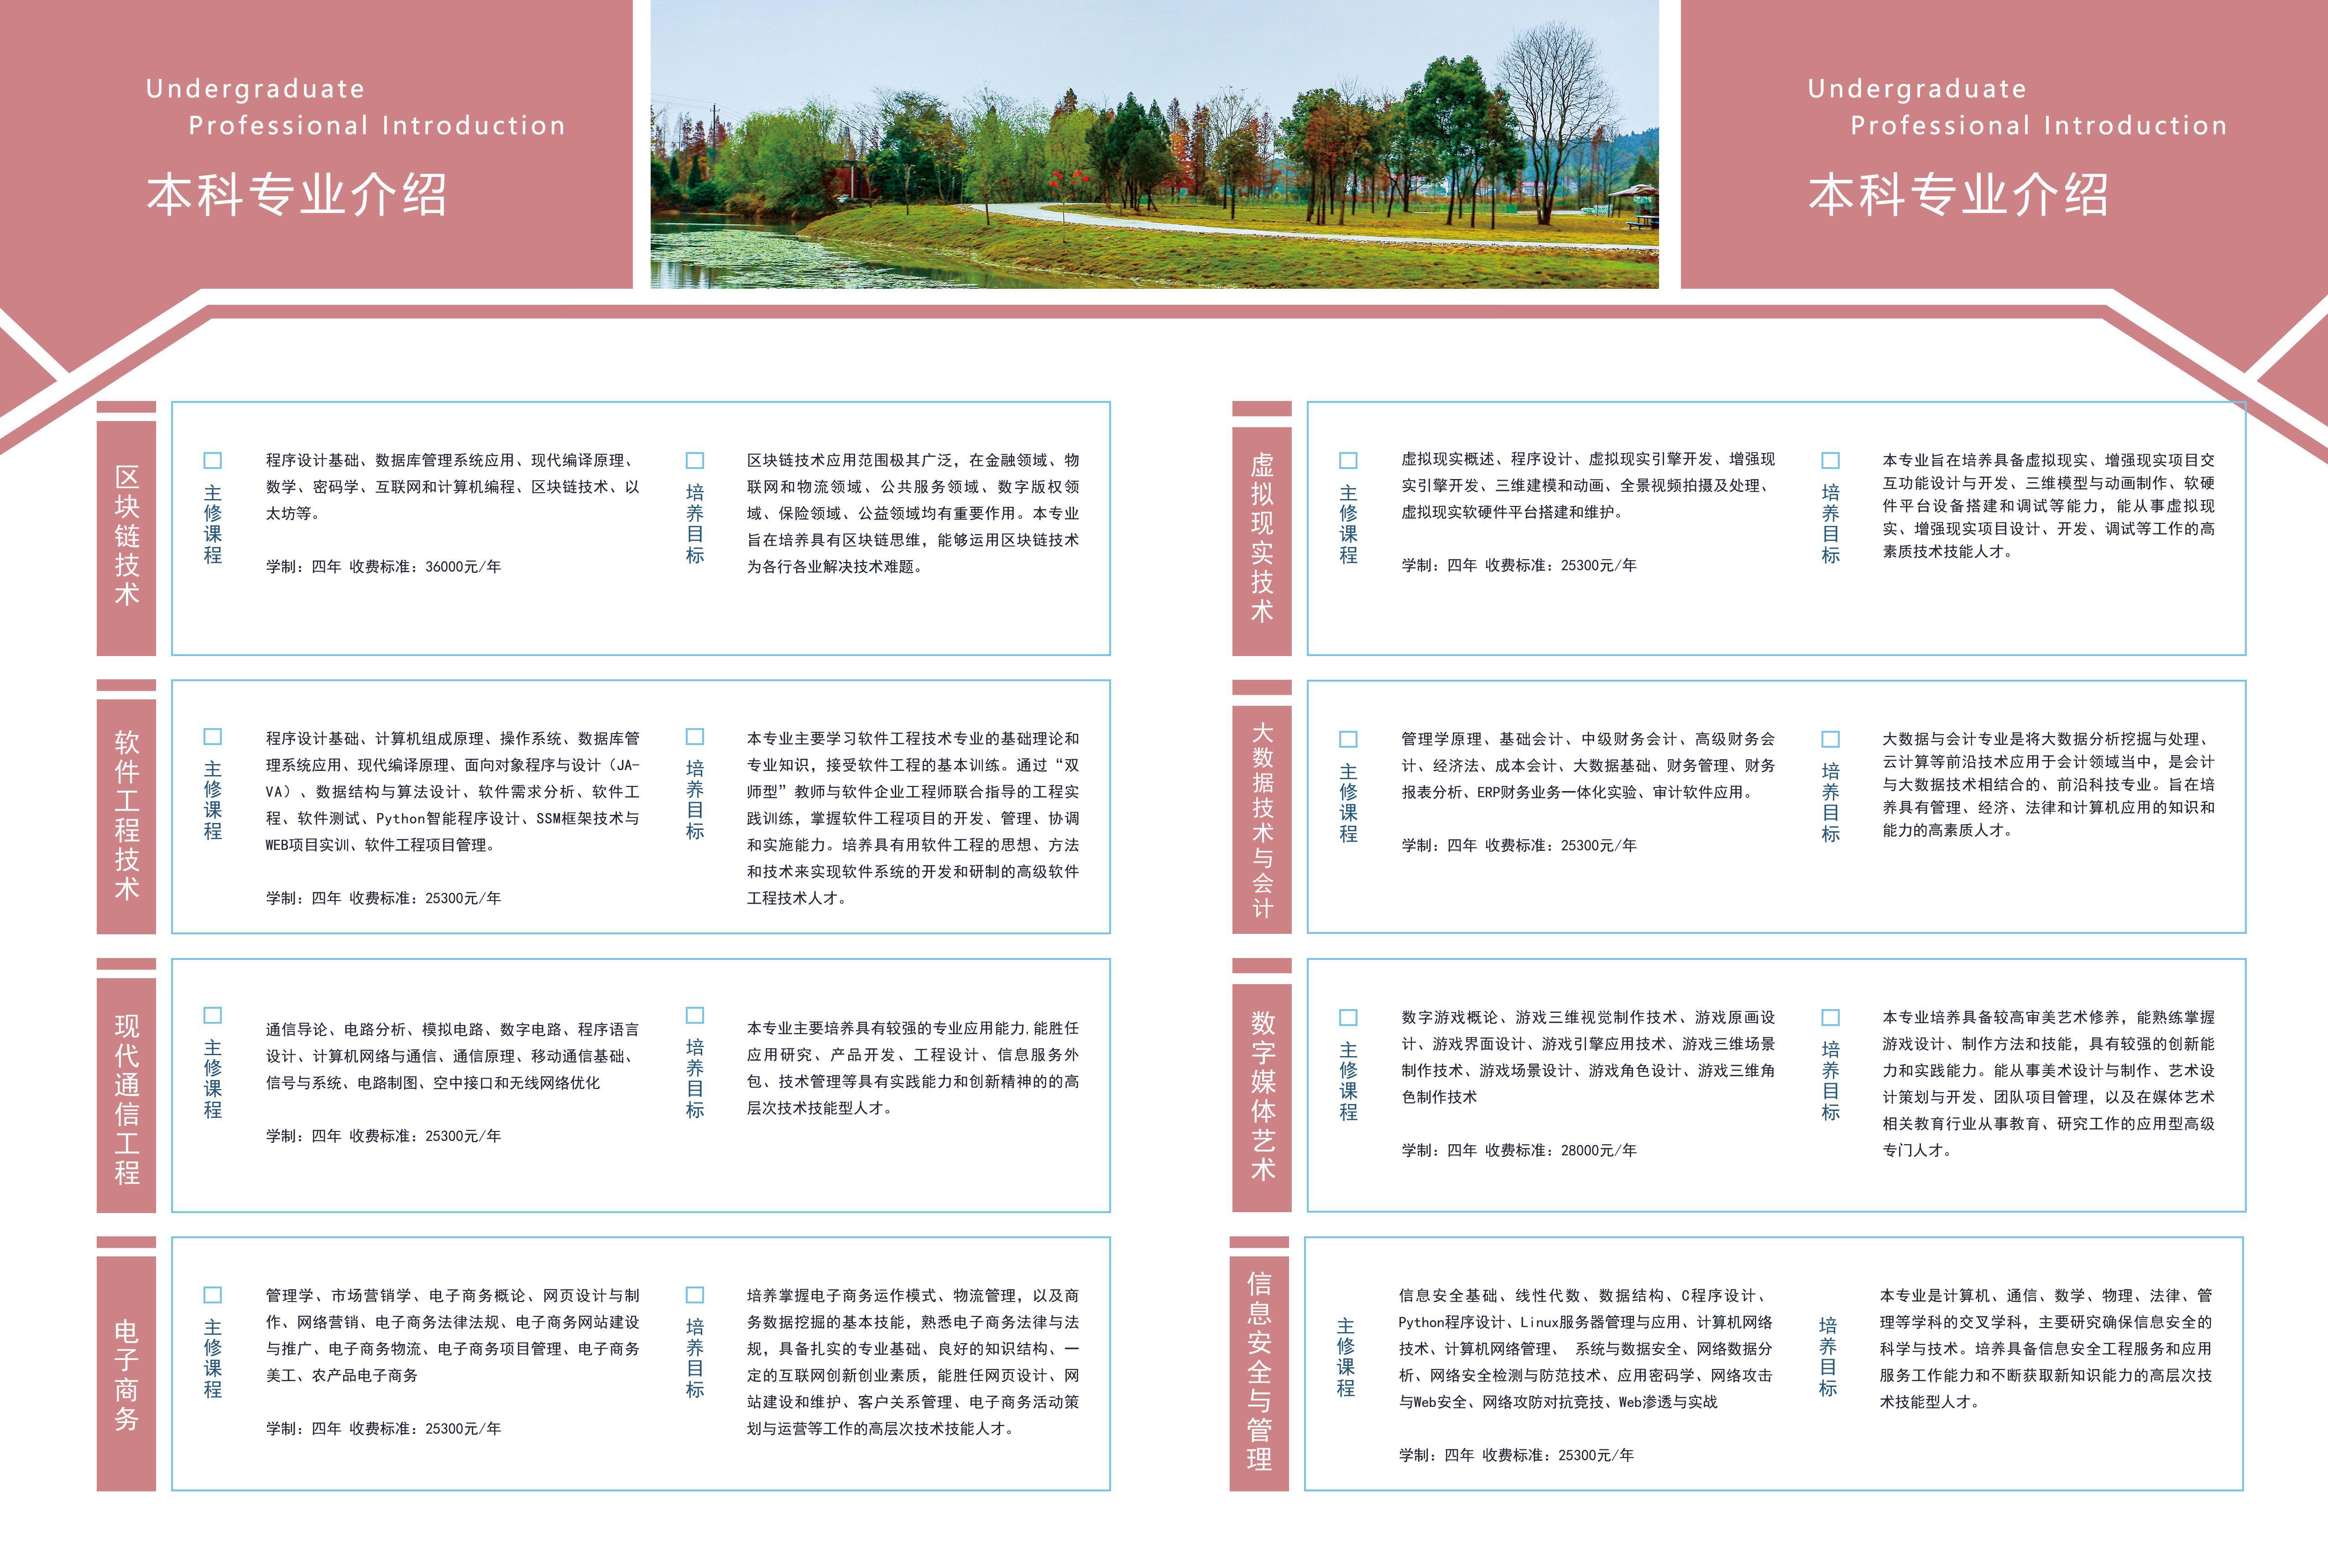 江西软件职业技术大学招生章程